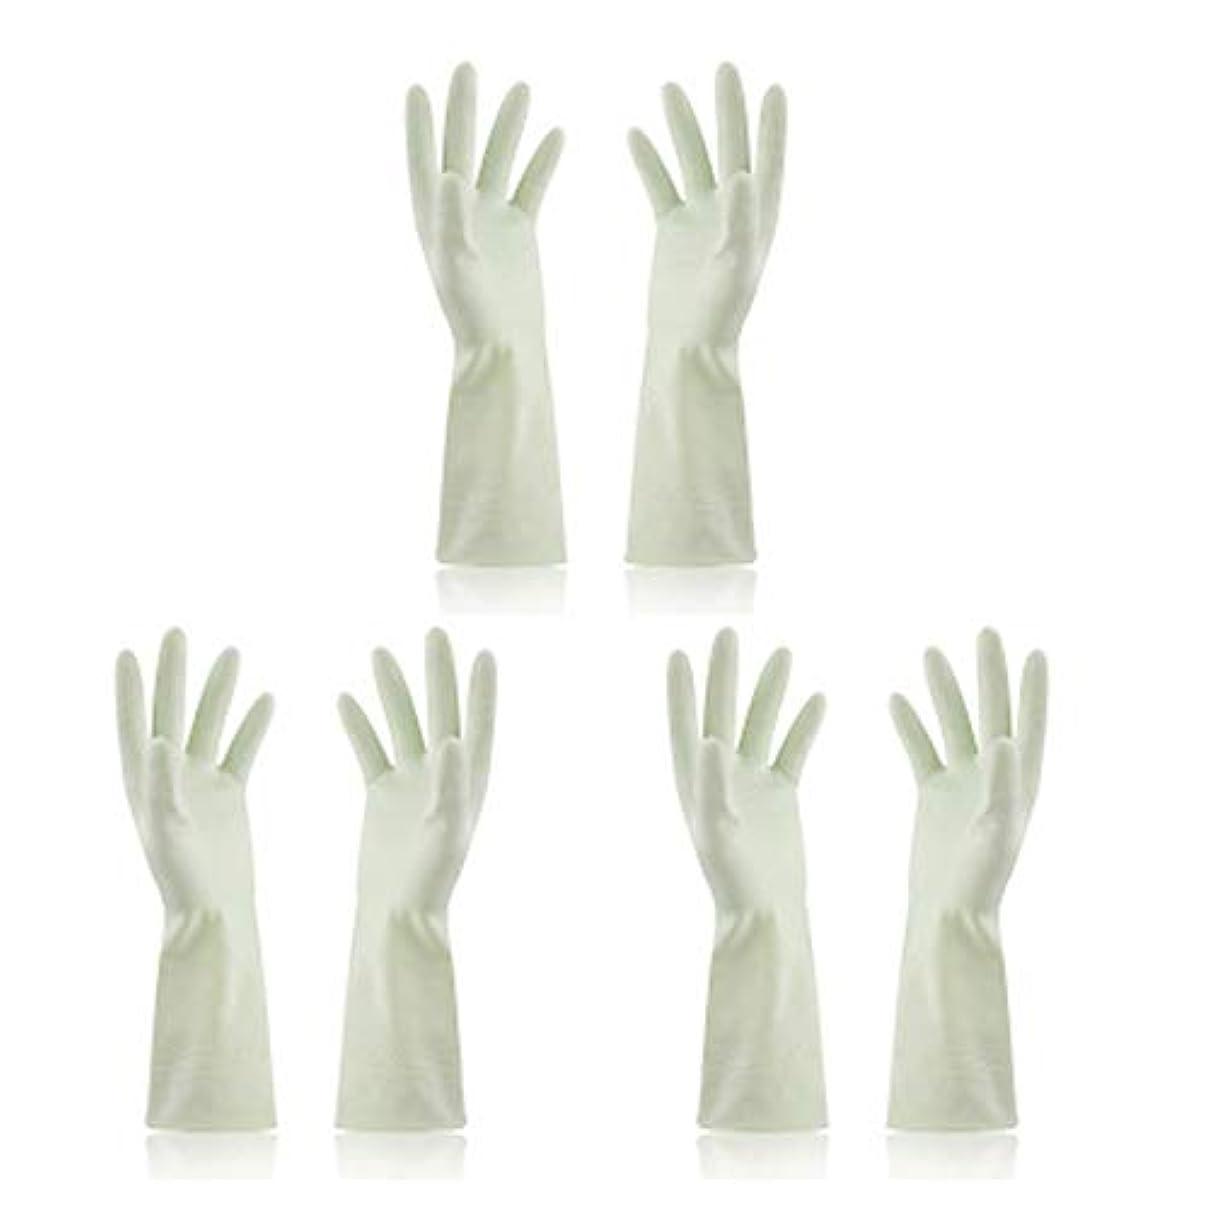 アフリカバルーンファンブルBTXXYJP キッチン用手袋 手袋 食器洗い 炊事 作業 食器洗い 掃除 園芸 洗車 防水 防油 手袋 (Color : Green, Size : M)